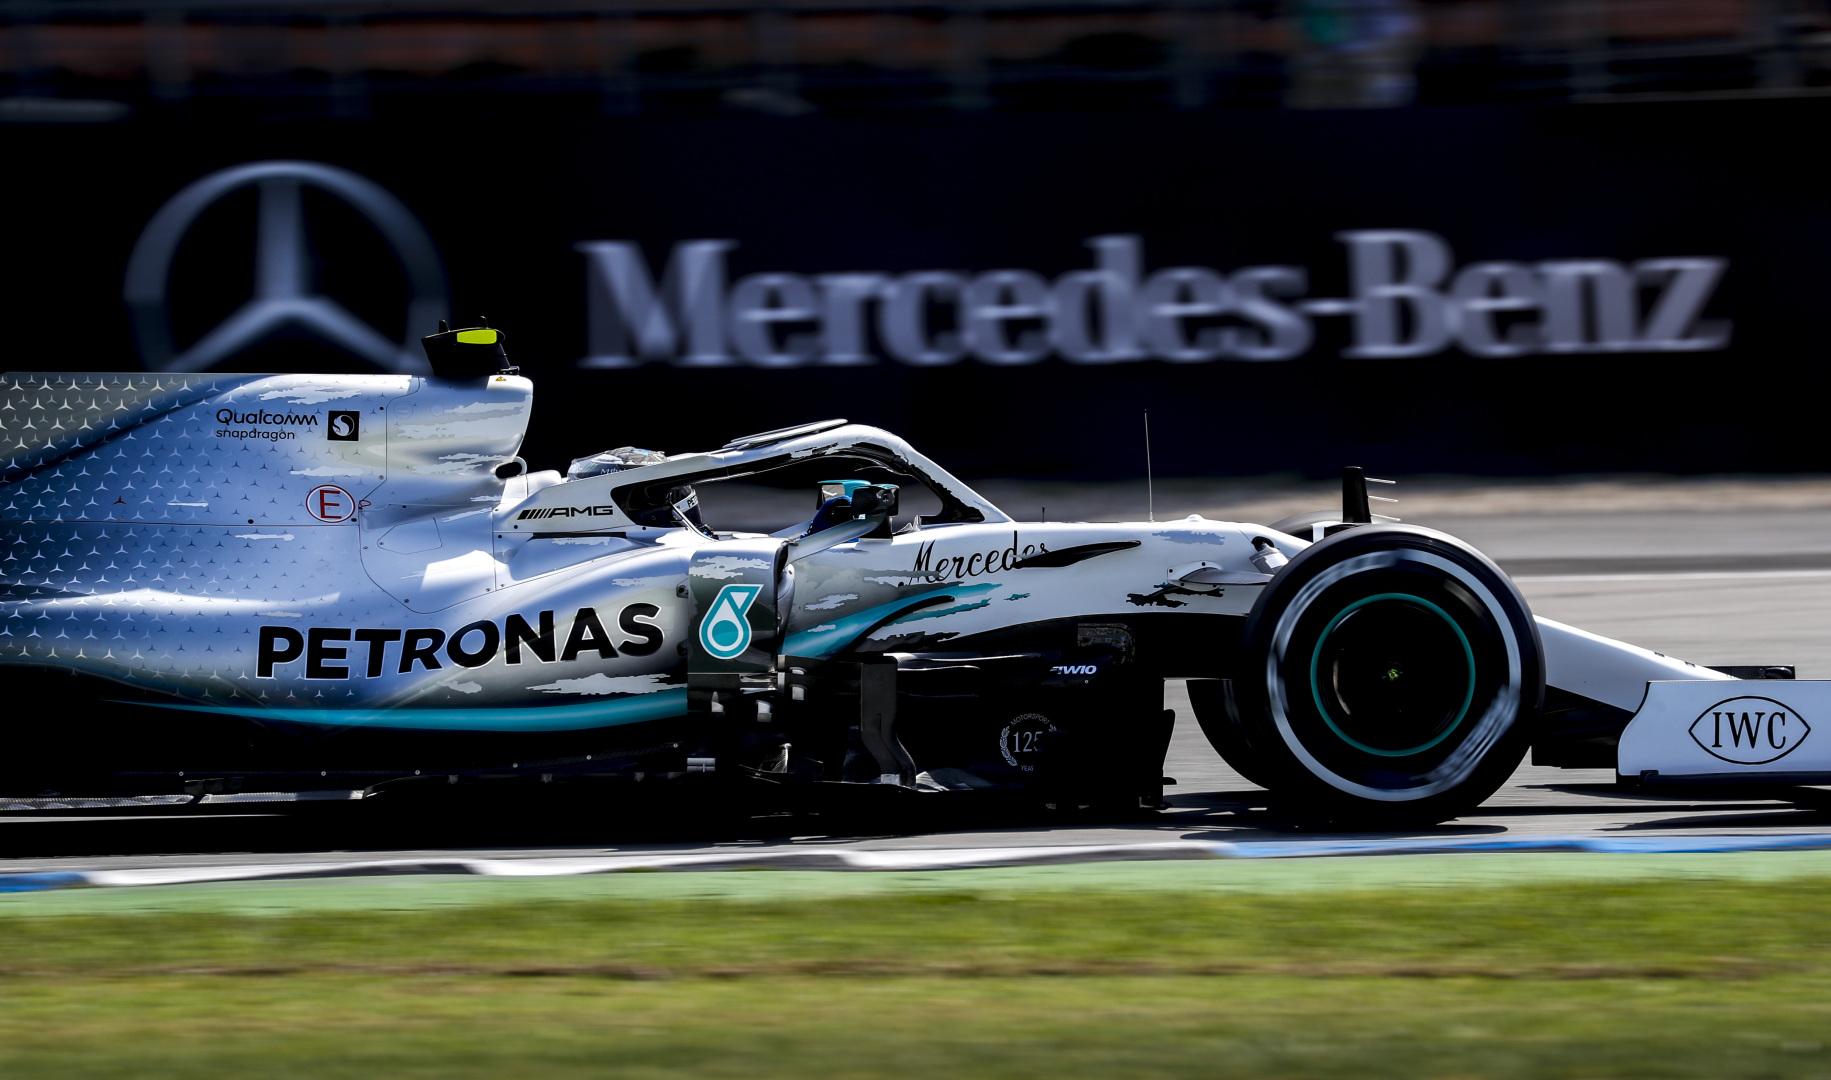 Az F1-es kiszállásról tárgyal a Mercedes, sokkoló bejelentés jöhet